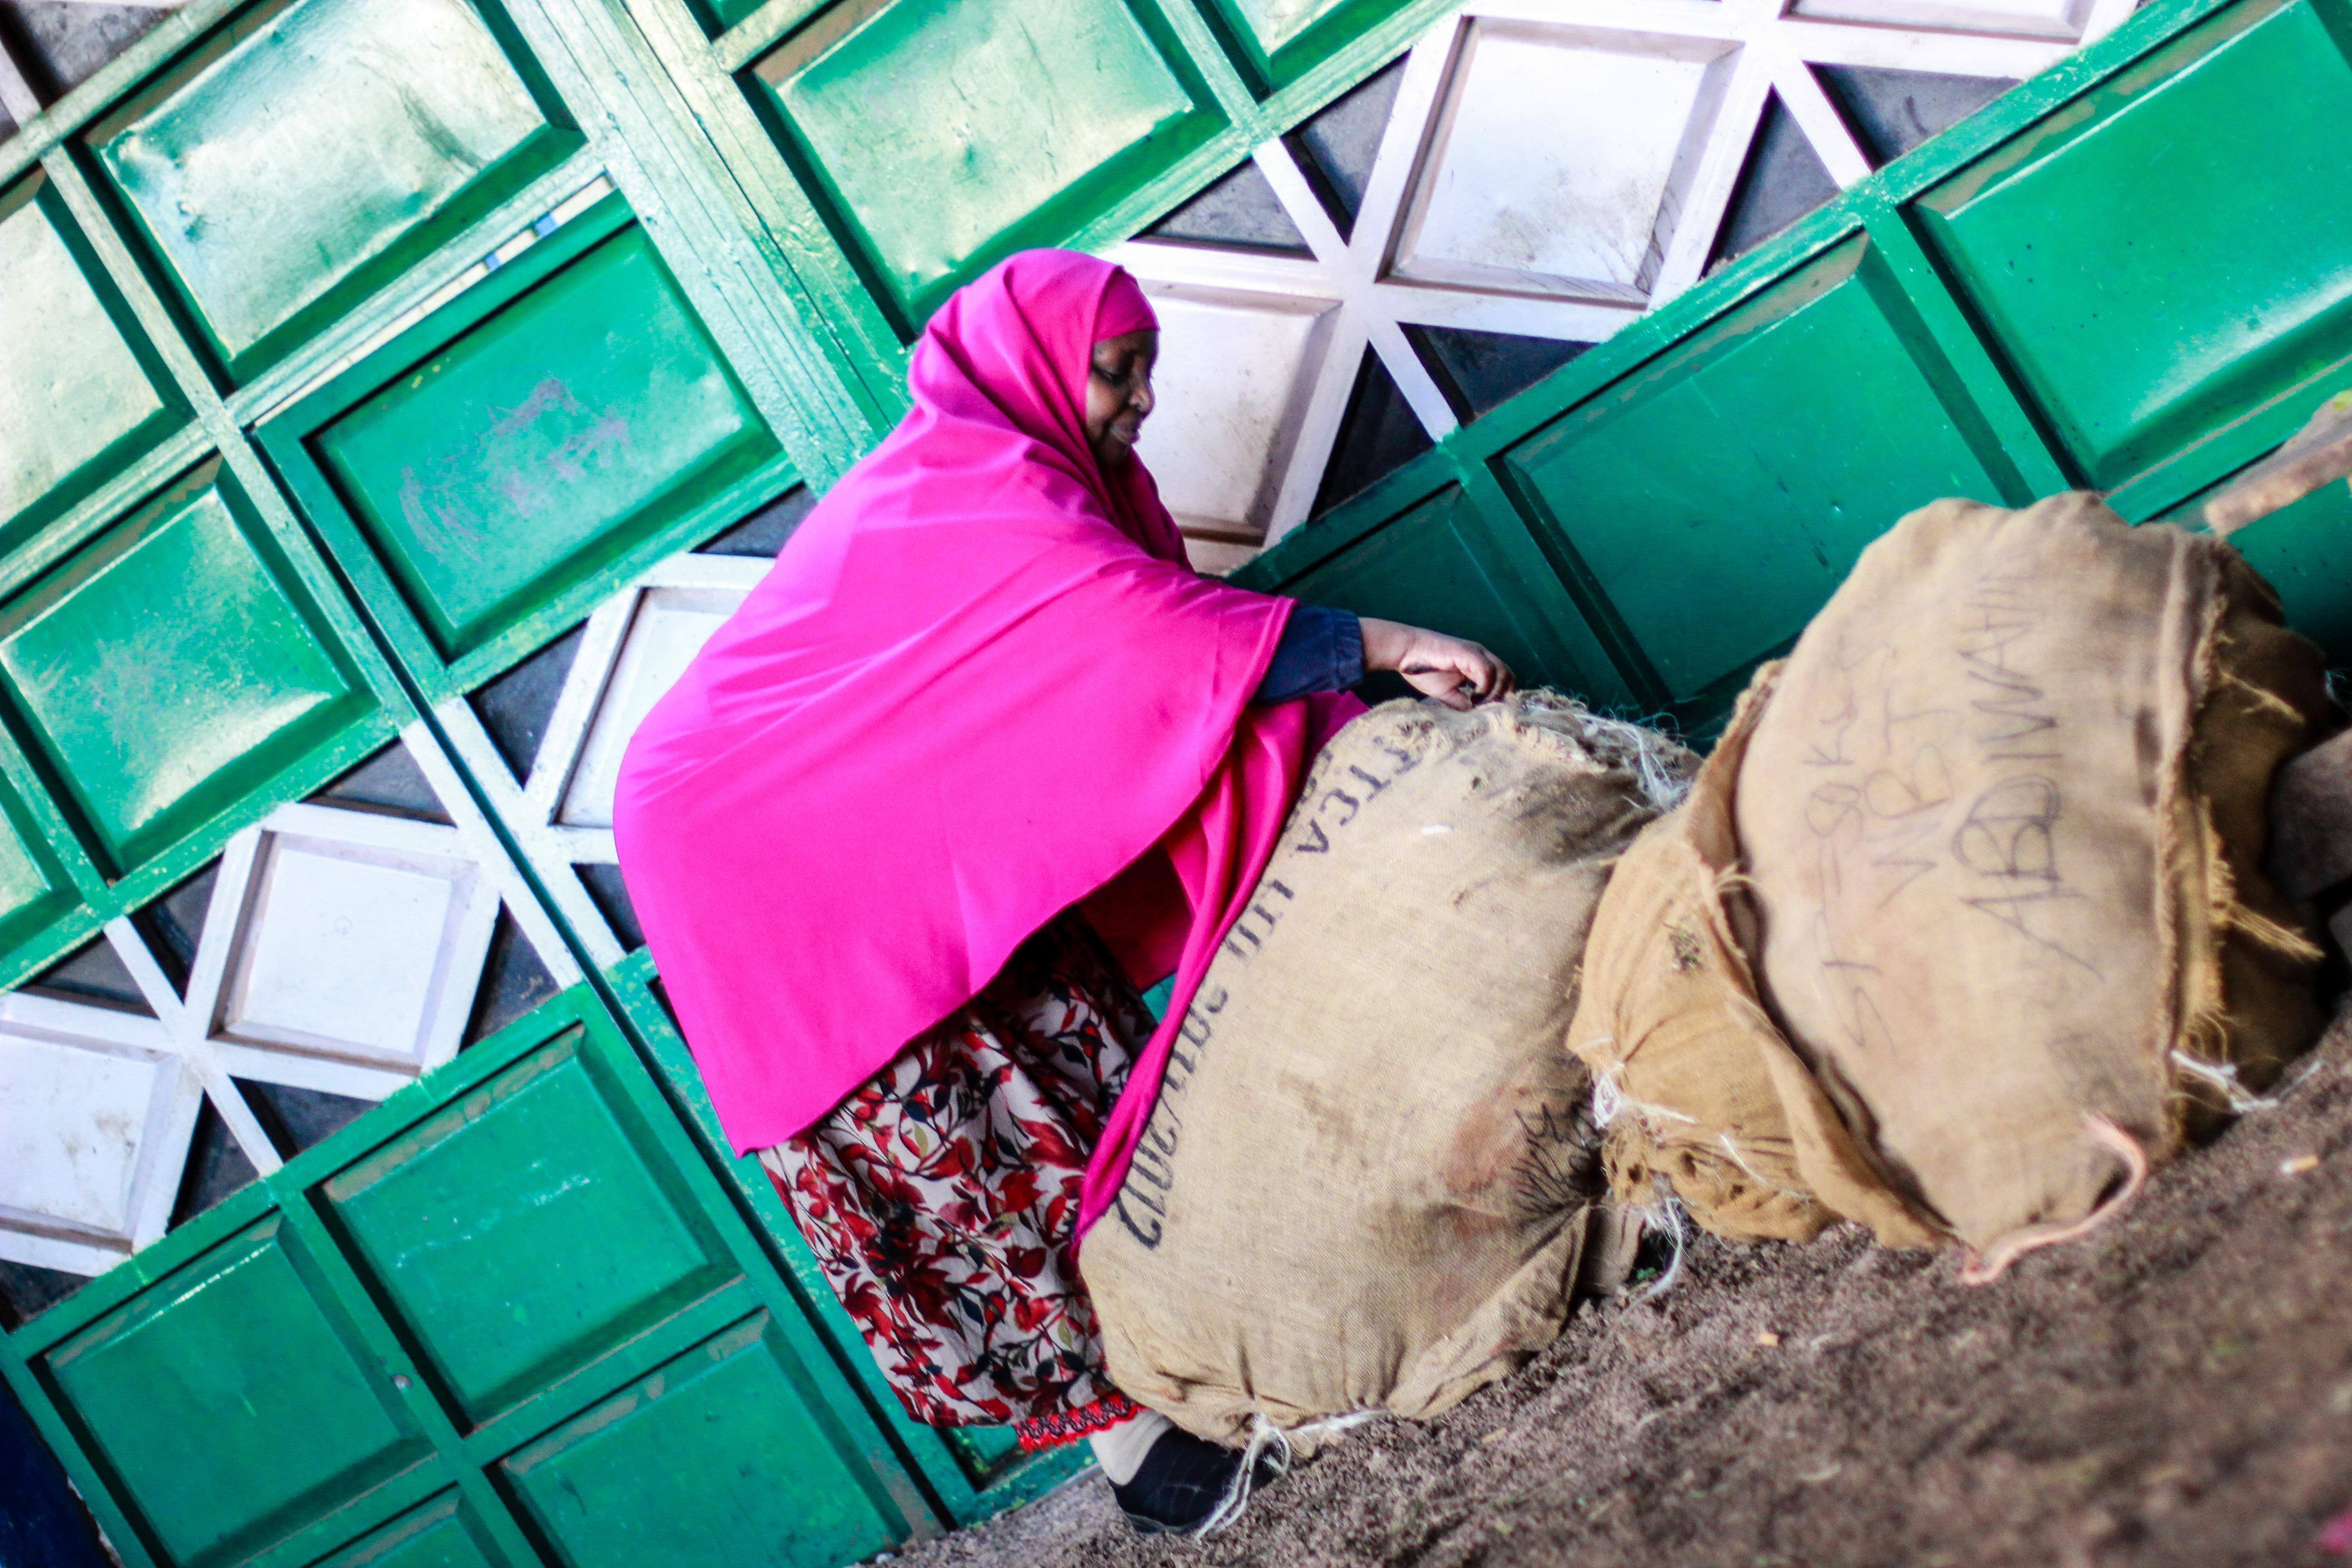 Ardo Omaar, a trader, inspects the sacks full of khat.